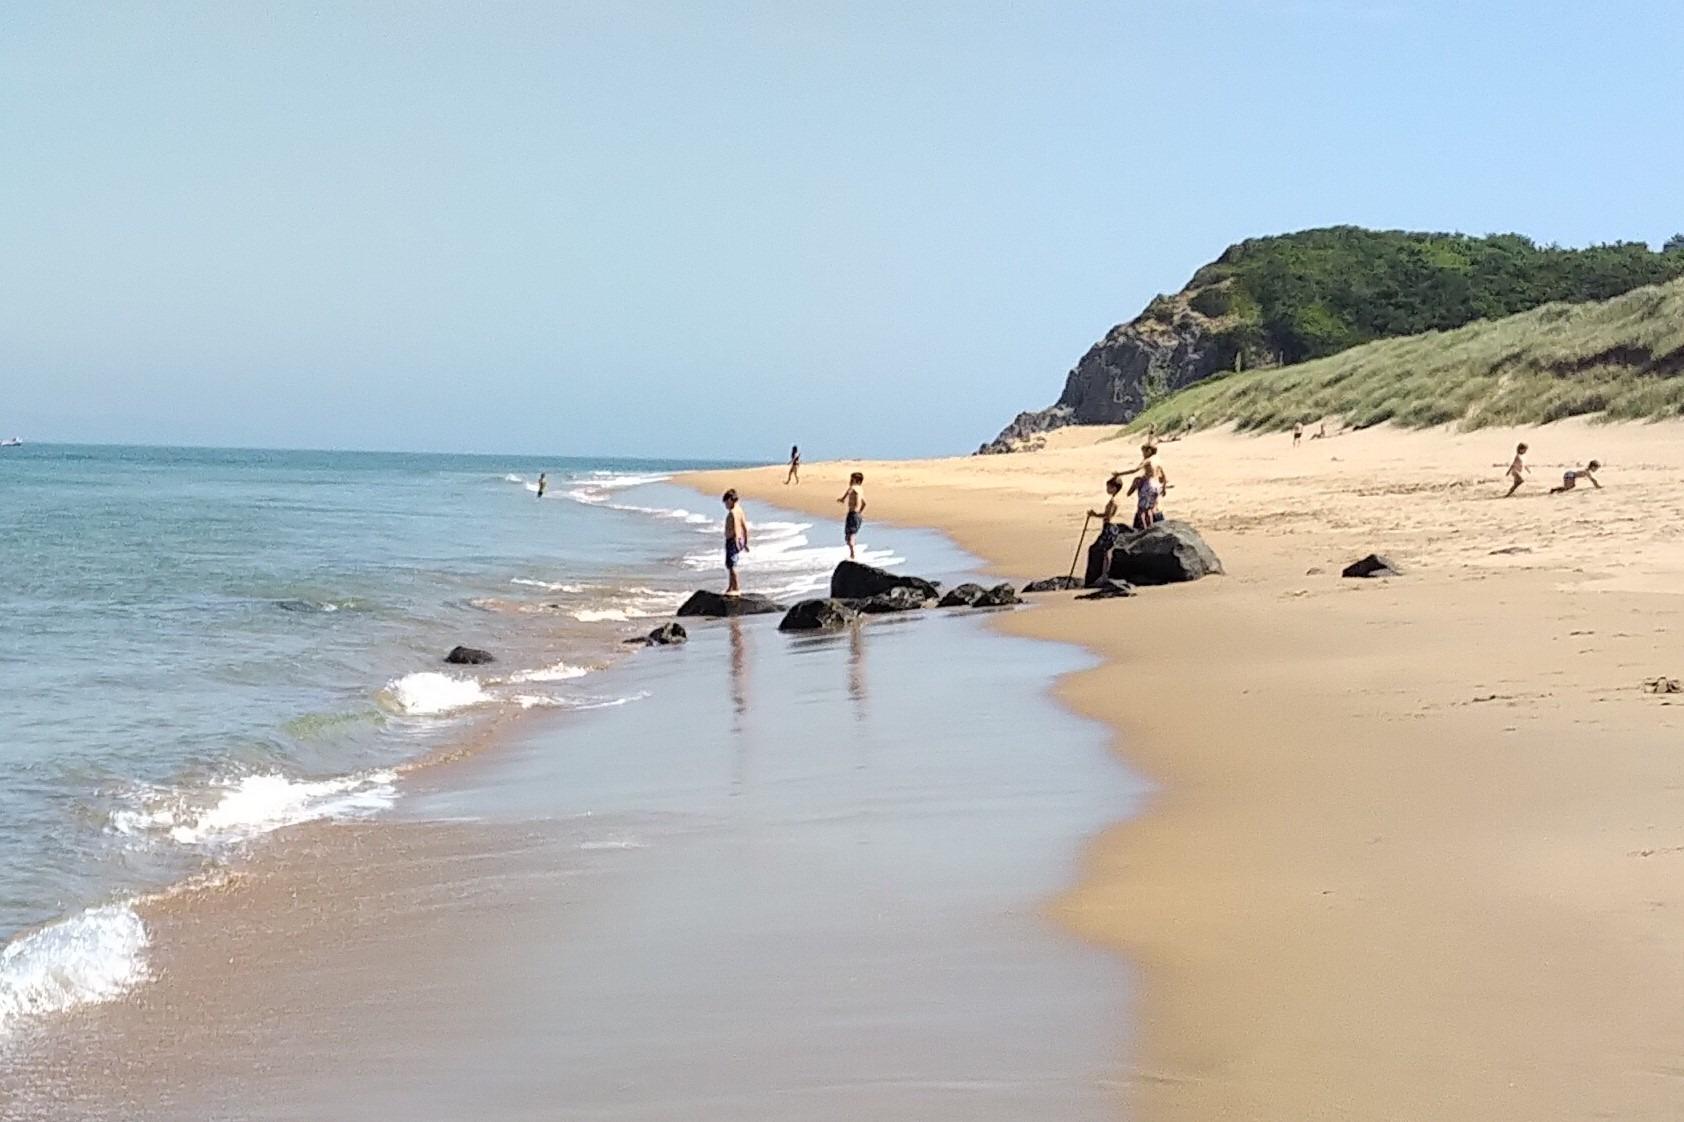 イギリスの穴場 UK sightseeing island beach